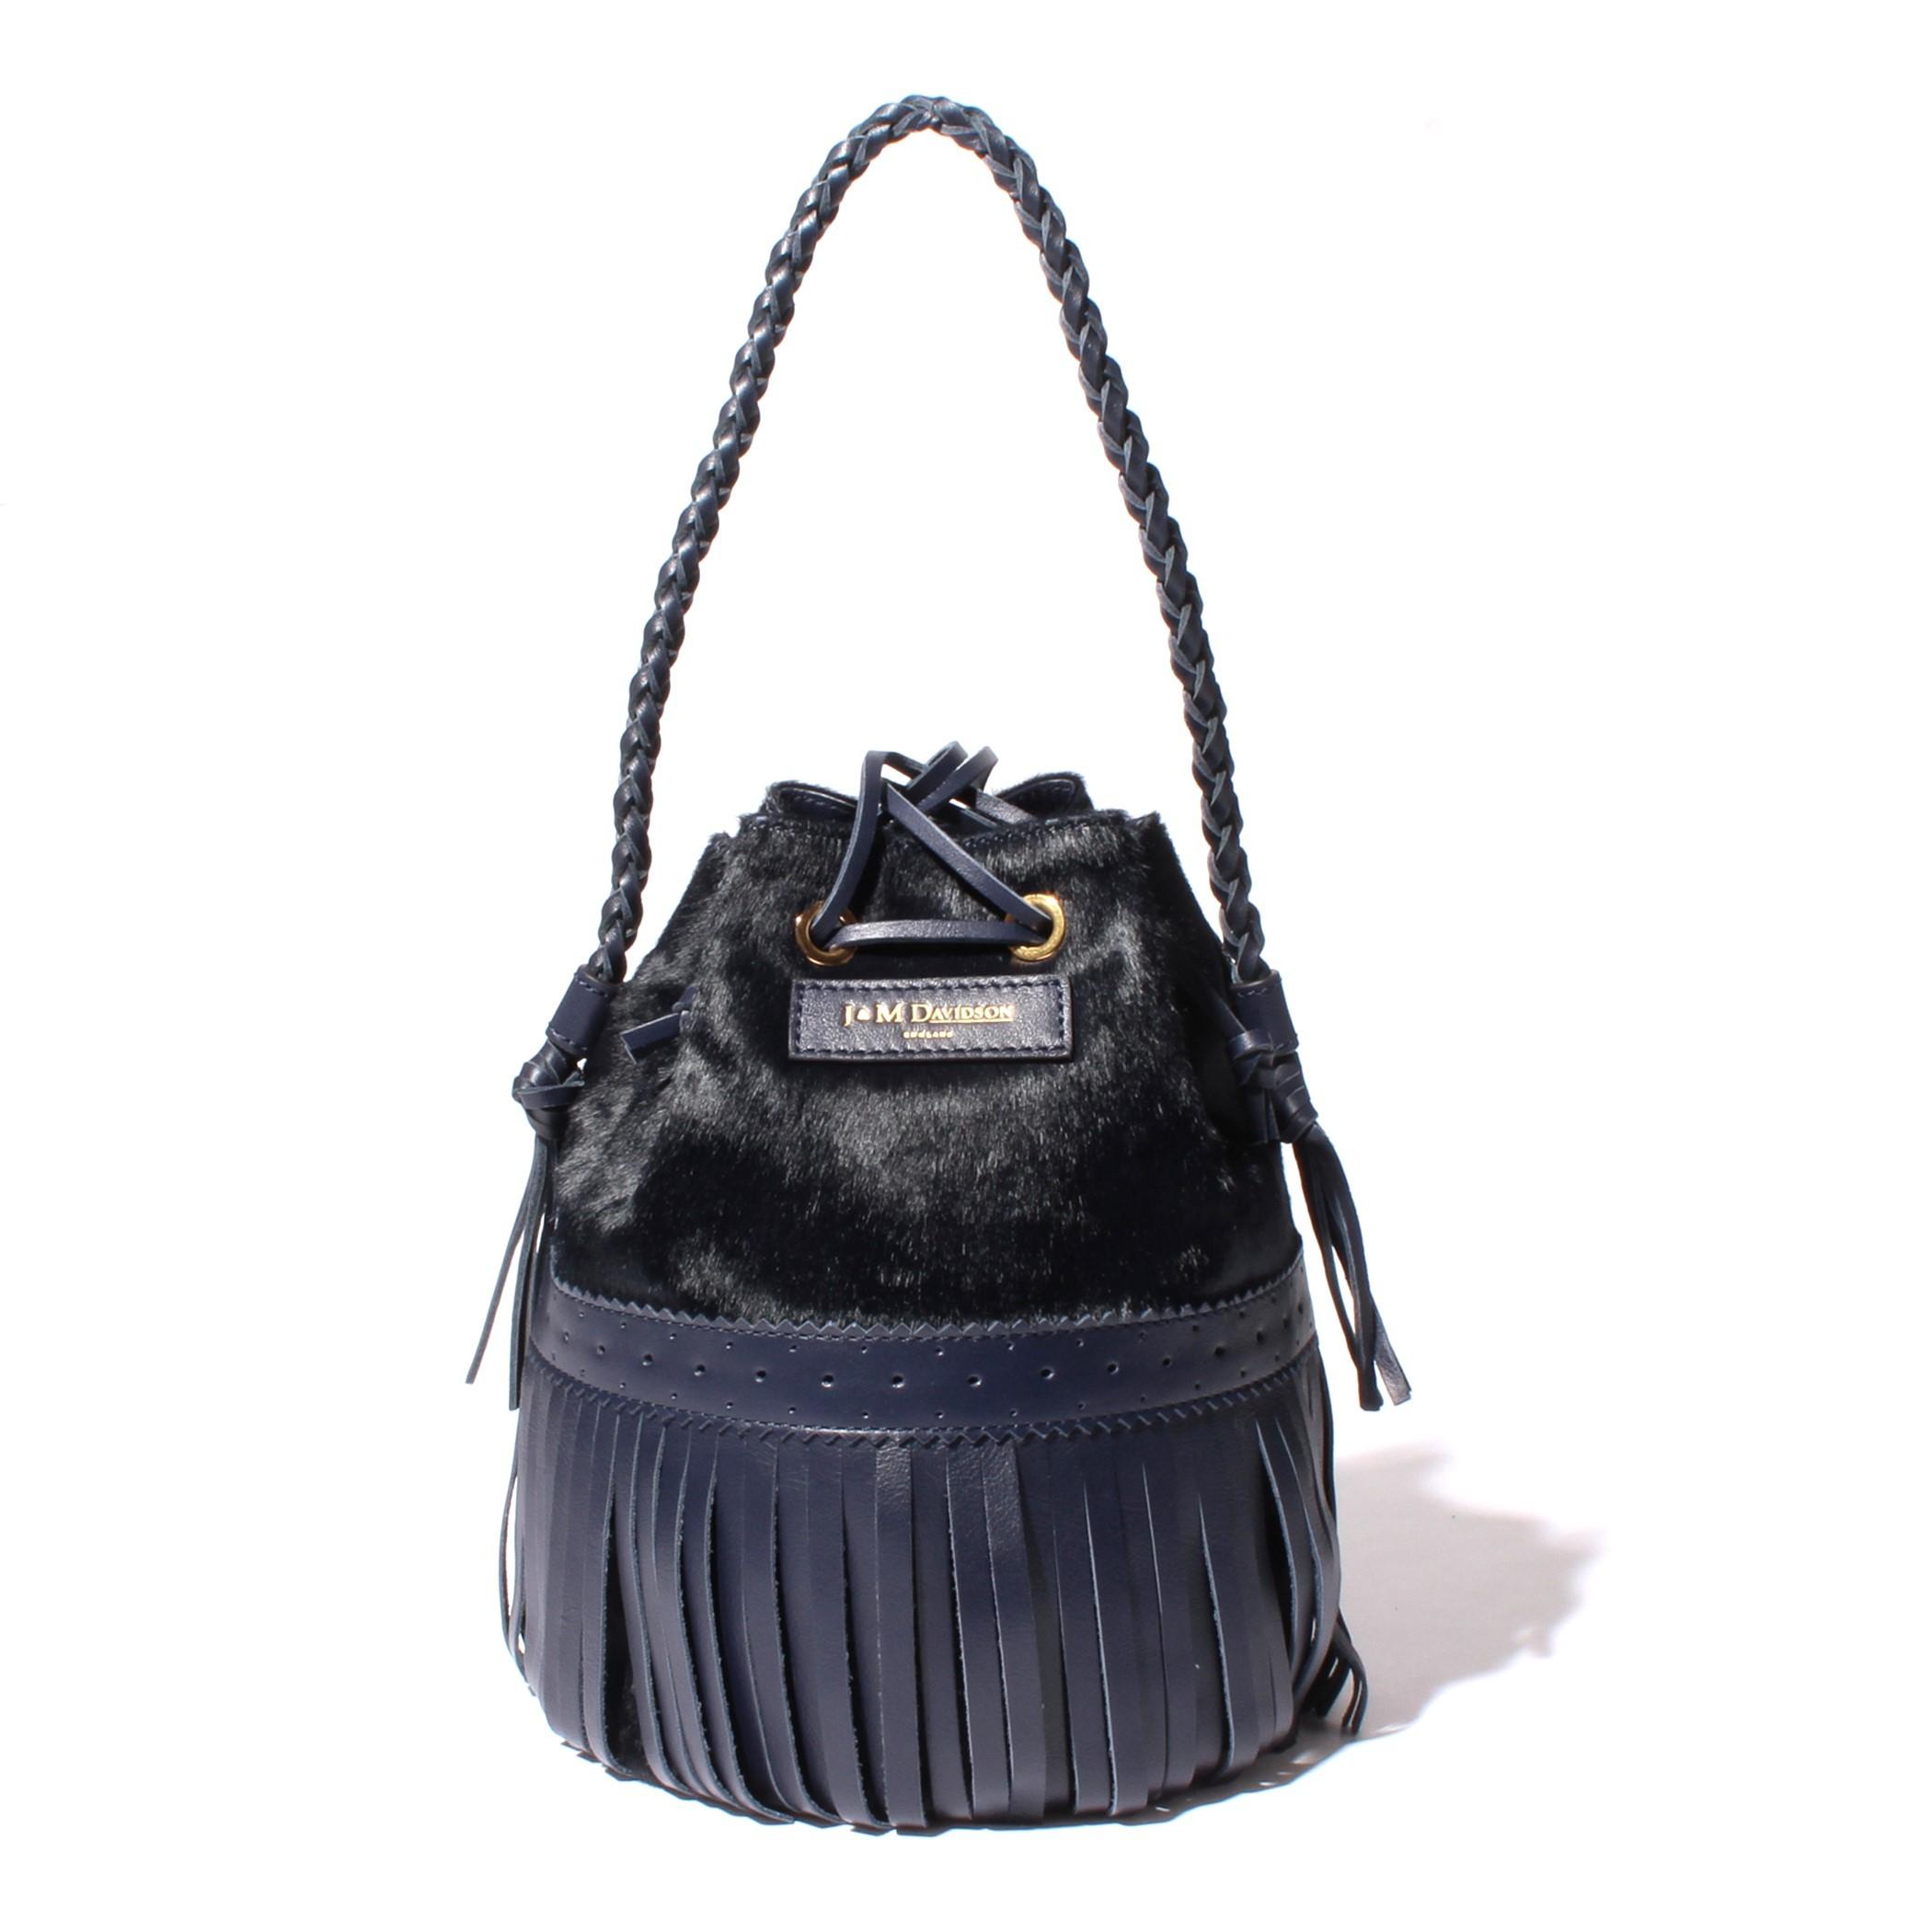 <EFFE BEAMS>が別注した<J&M DAVIDSON>のバッグが登場!_1_1